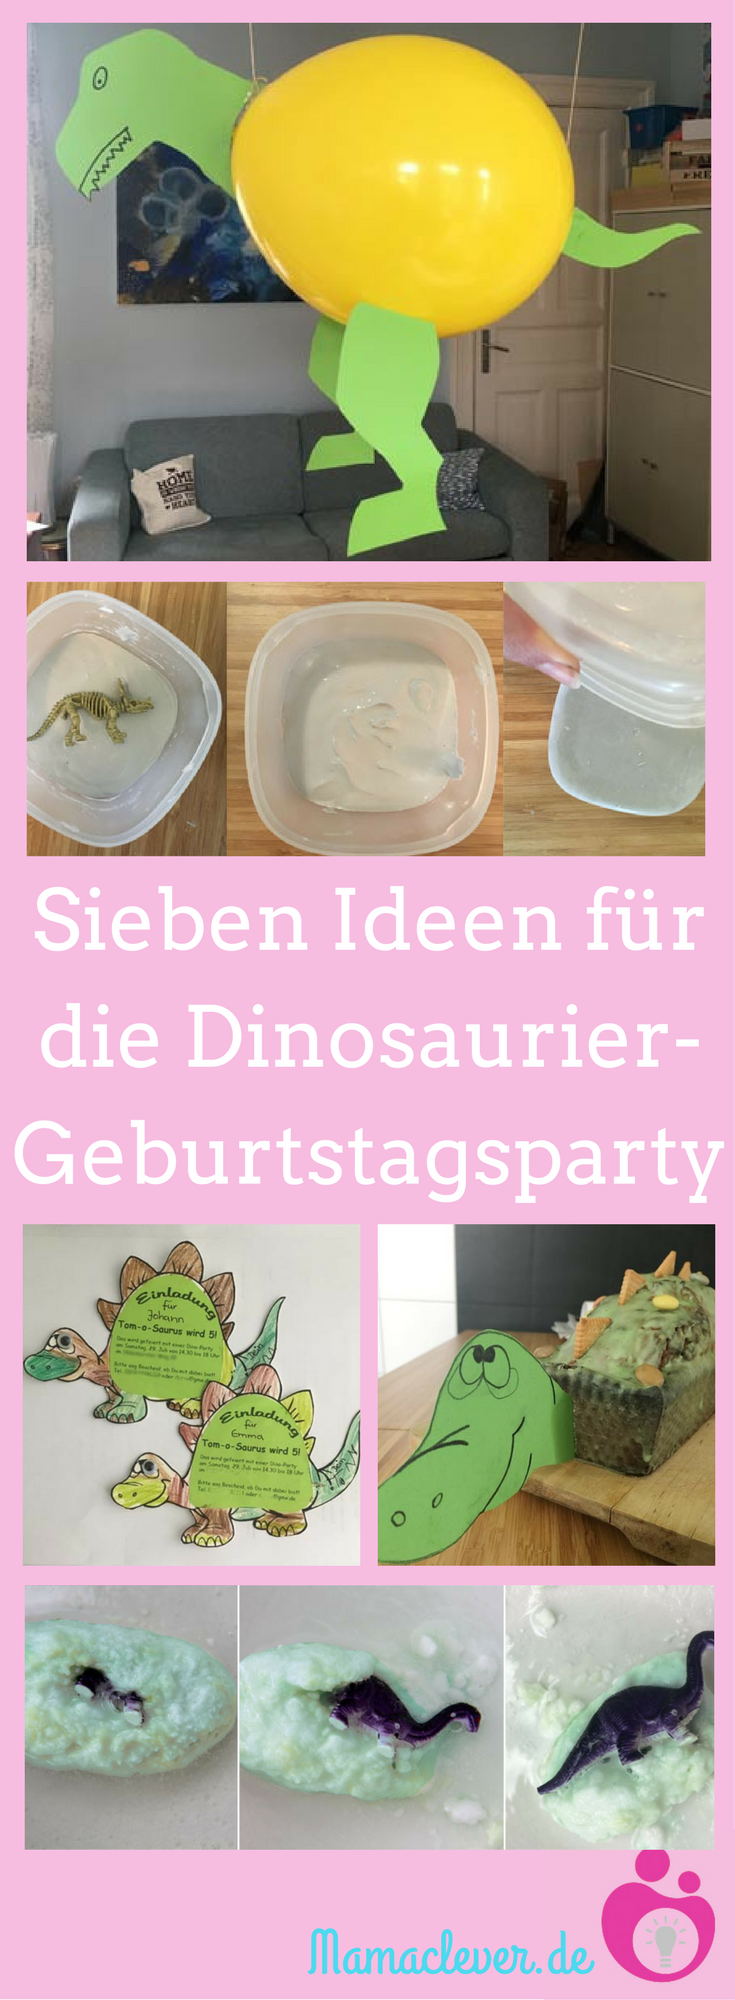 Photo of Ideen für eine Dinosaurierkindergeburtstagsfeier